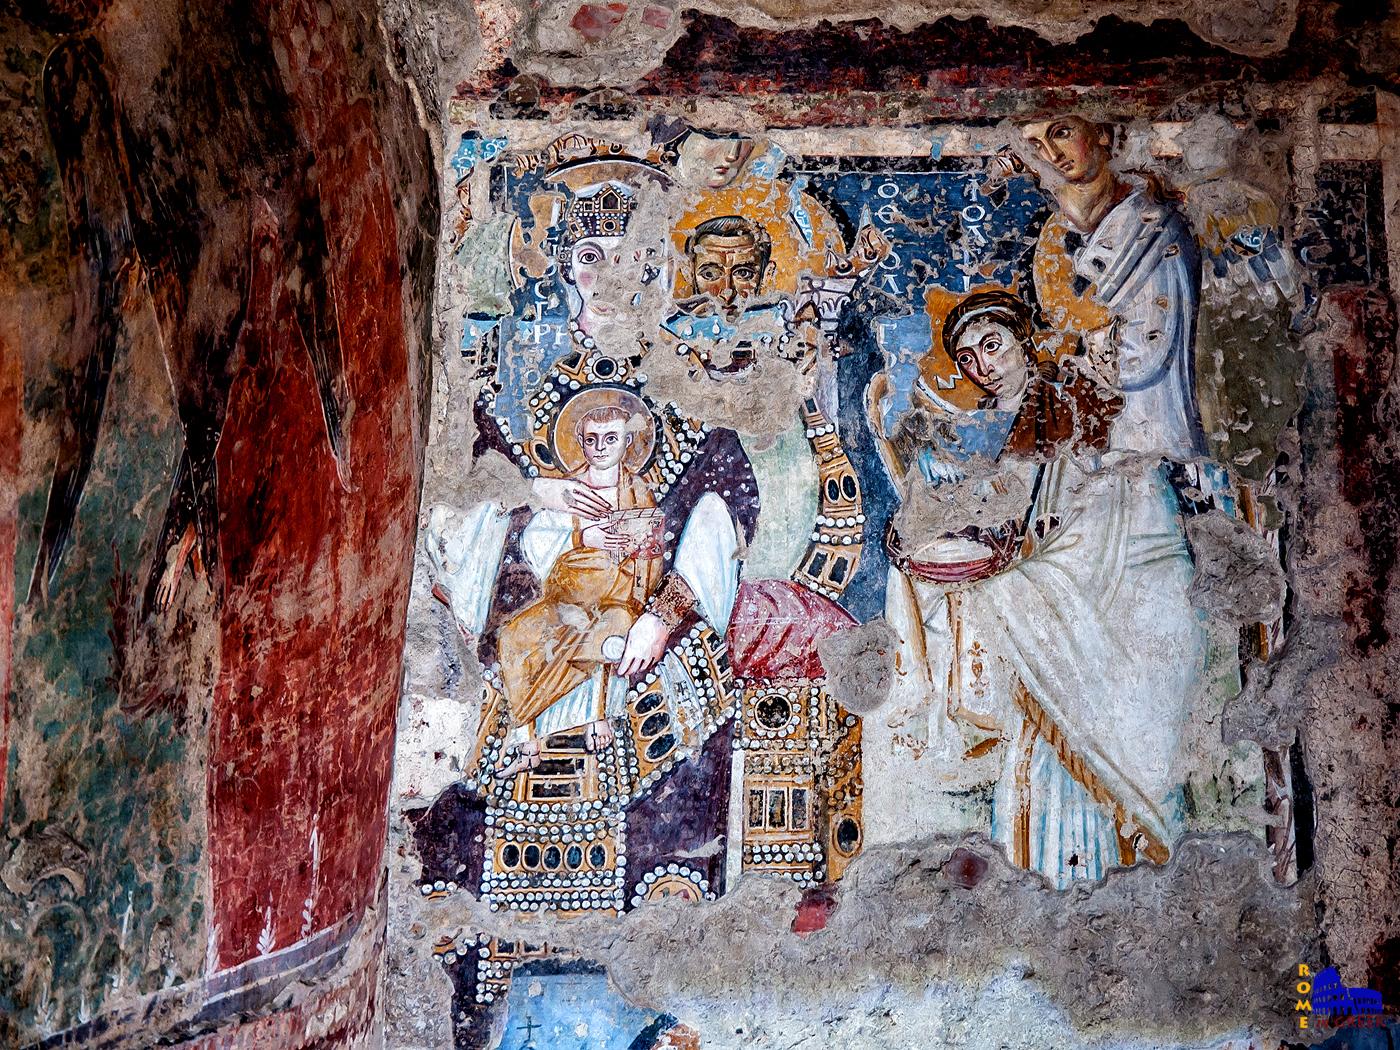 Το «παλίμψηστο». Οι αρχαιολόγοι ανακάλυψαν 7 διαδοχικές στρώσεις κονιαμάτων. Η Παναγία Βασίλισσα στον Θρόνο ανήκει στην 3η στρώση και ανάγεται στο 530-550, όταν ο ναός δεν είχε ακόμα αποπερατωθεί. Θεωρείται η πρώτη γνωστή απεικόνιση της Παναγίας σε θρόνο.